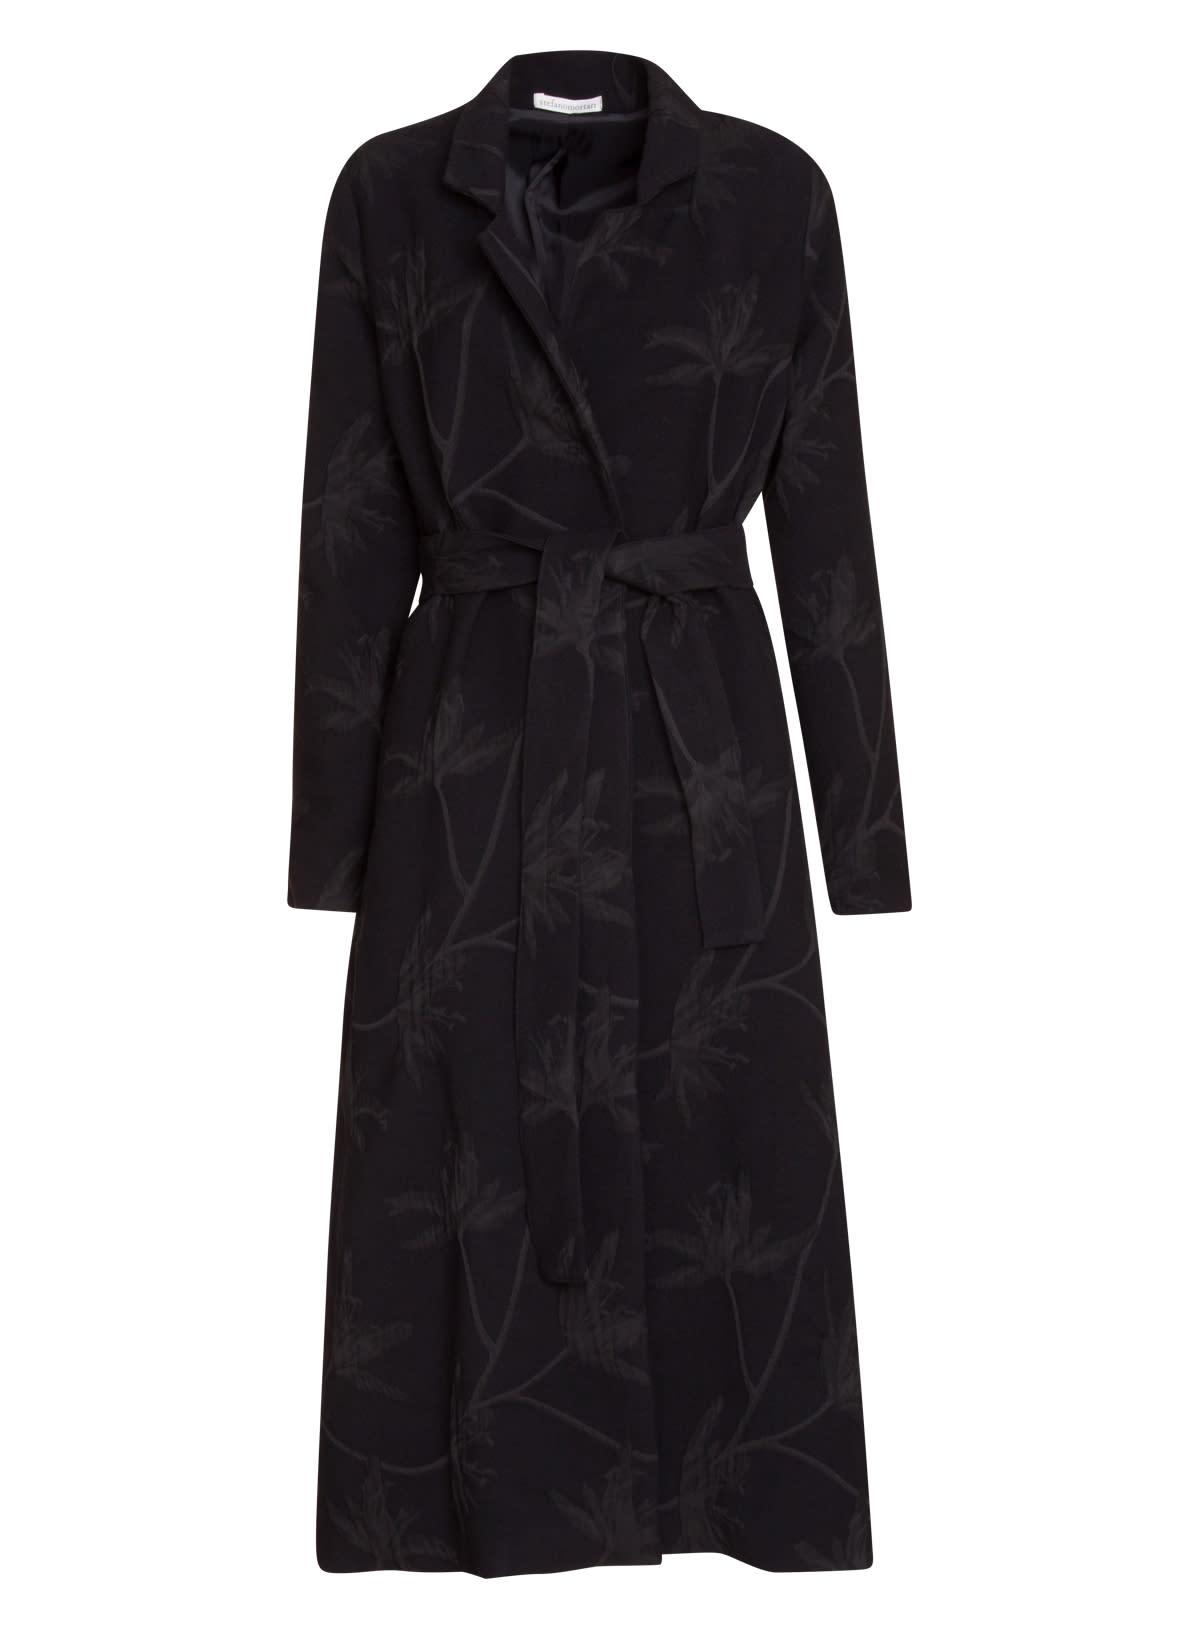 Stefano Mortari Belted Coat